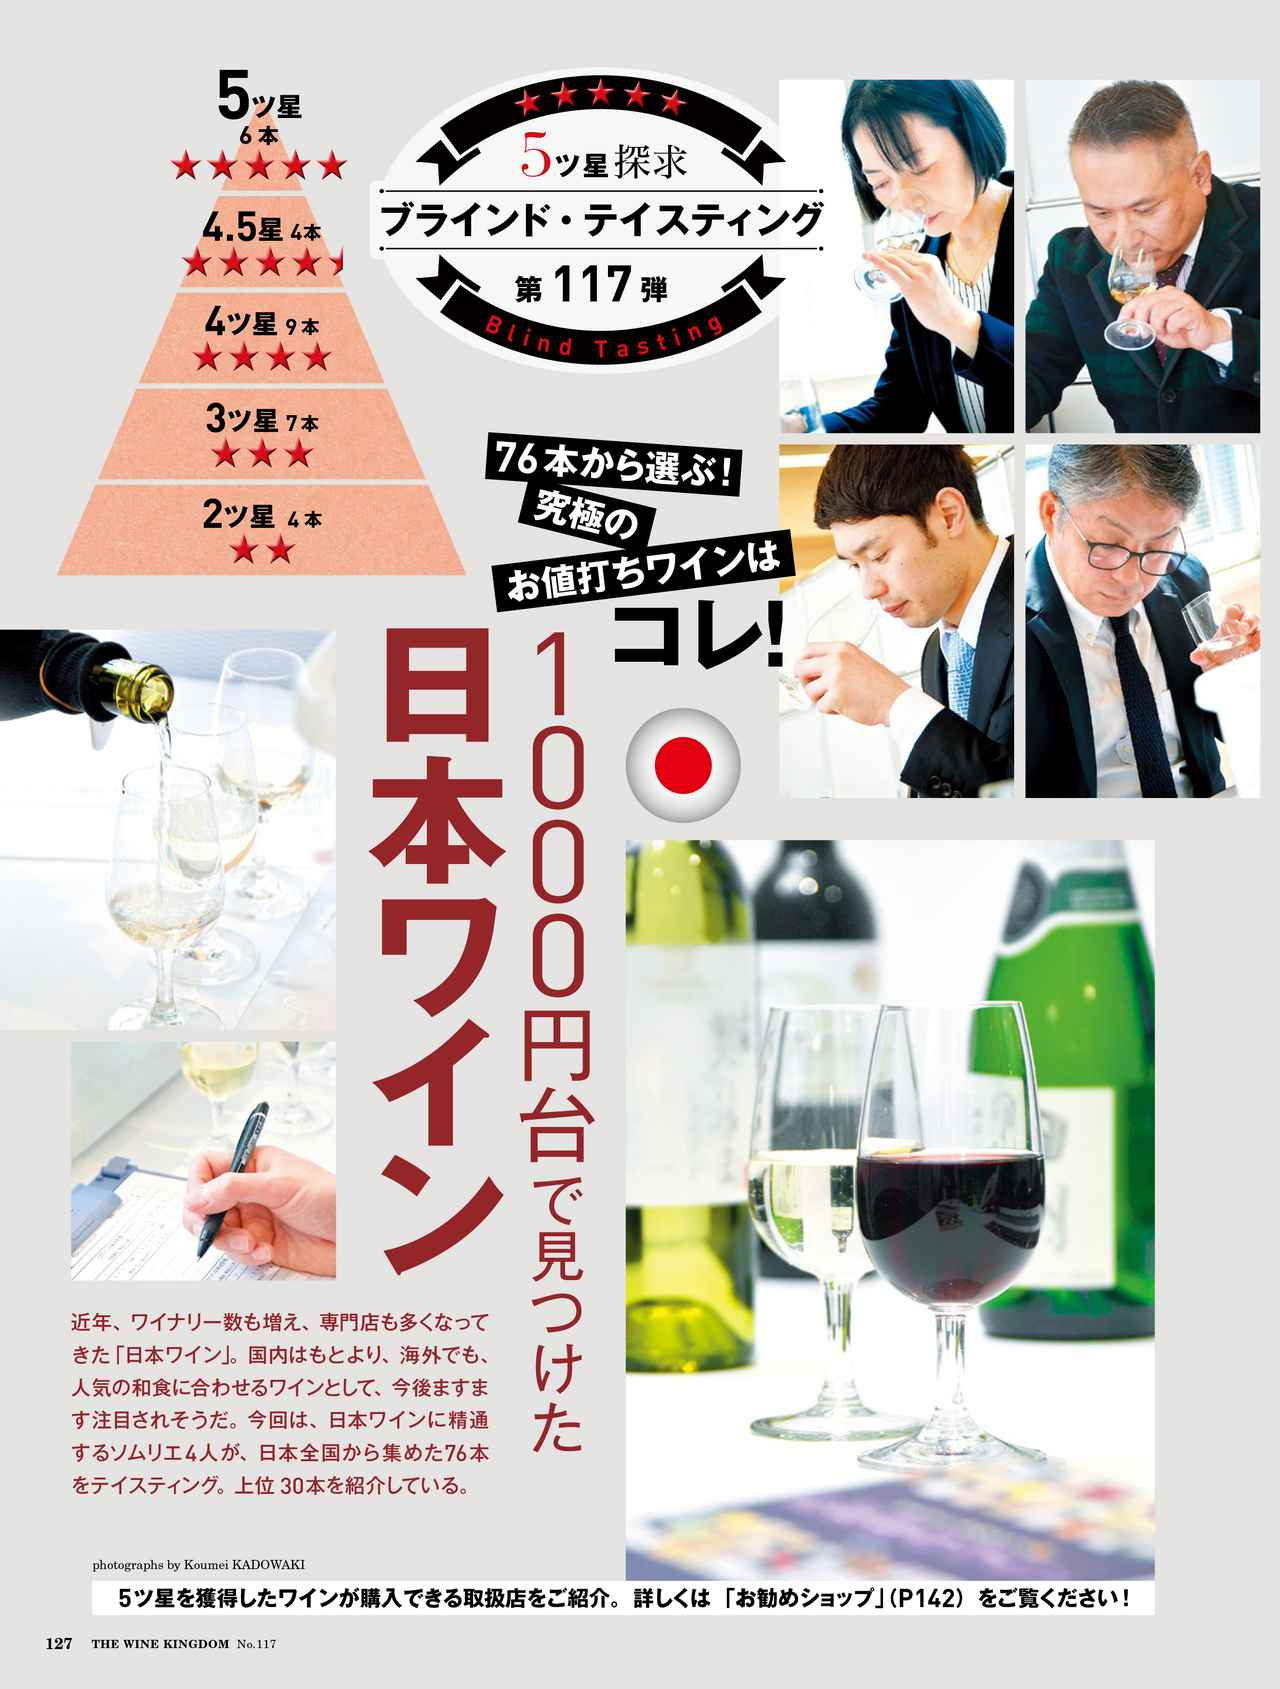 画像5: 『ワイン王国 117号』日本ワイン 注目のグラン・クリュを大特集/抽選で豪華商品もあり ラベルグランプリ開催